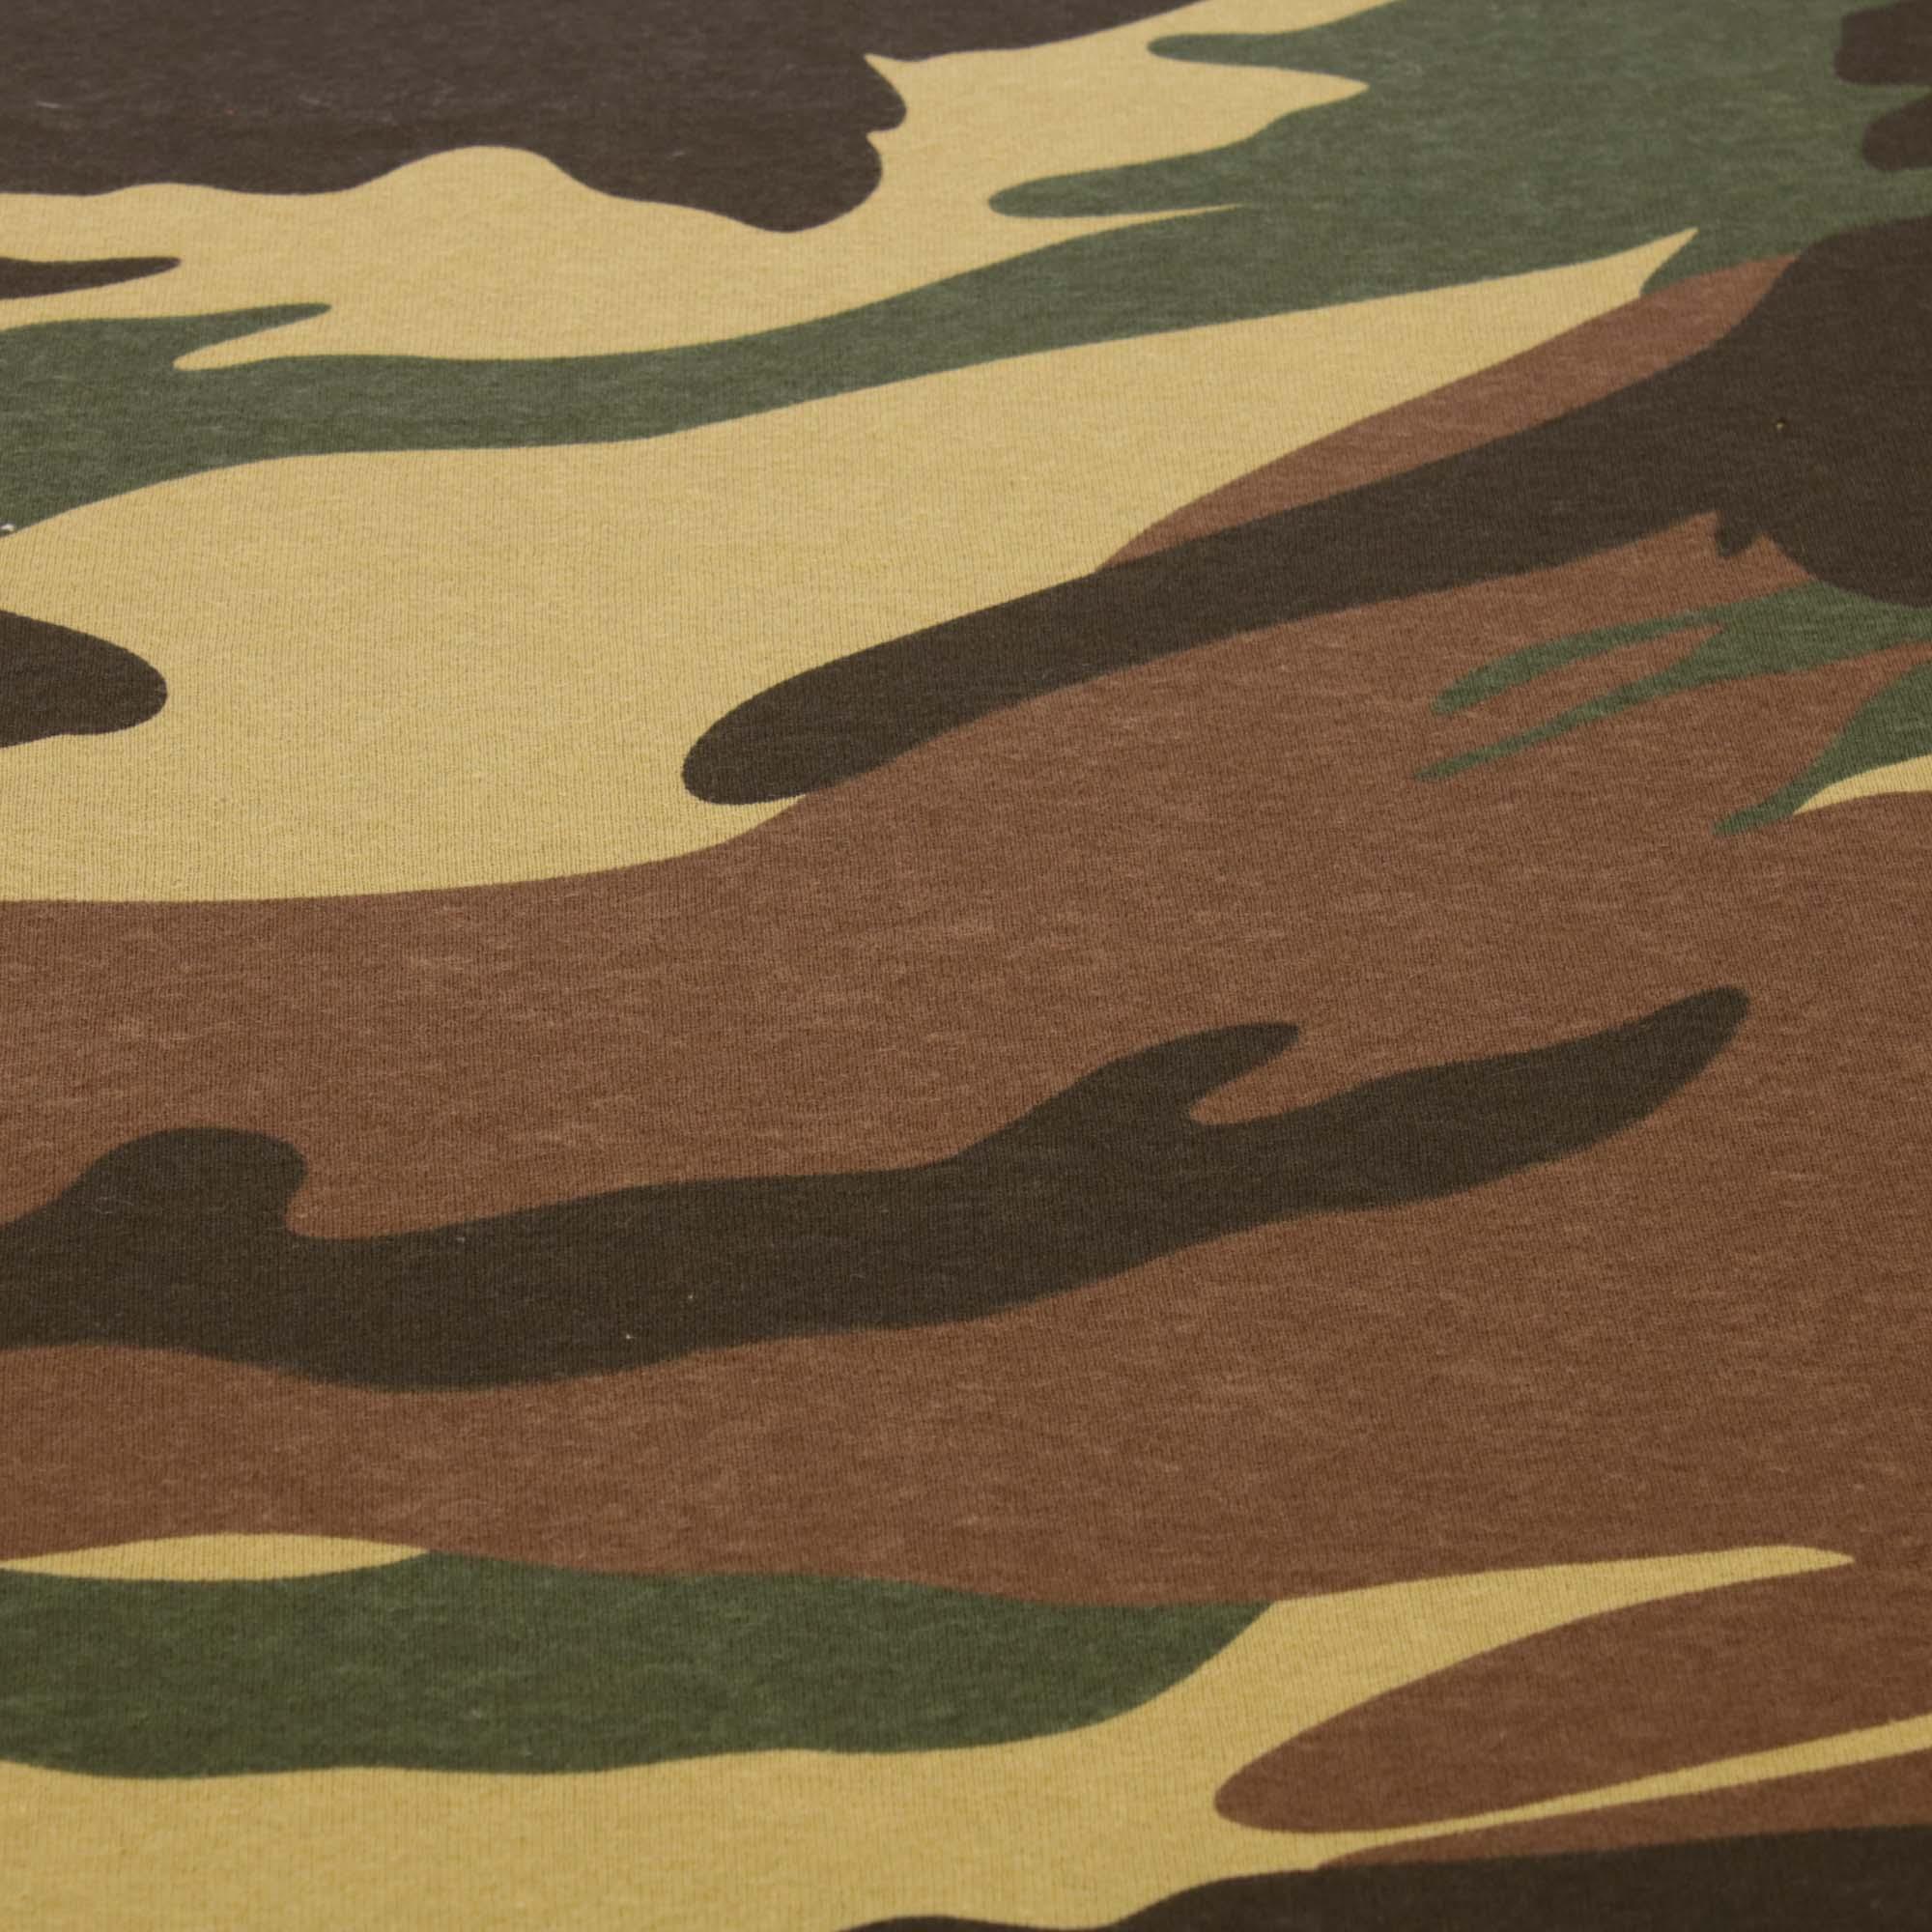 Tecido Malha de Algodão Camuflada 100% Algodão Verde